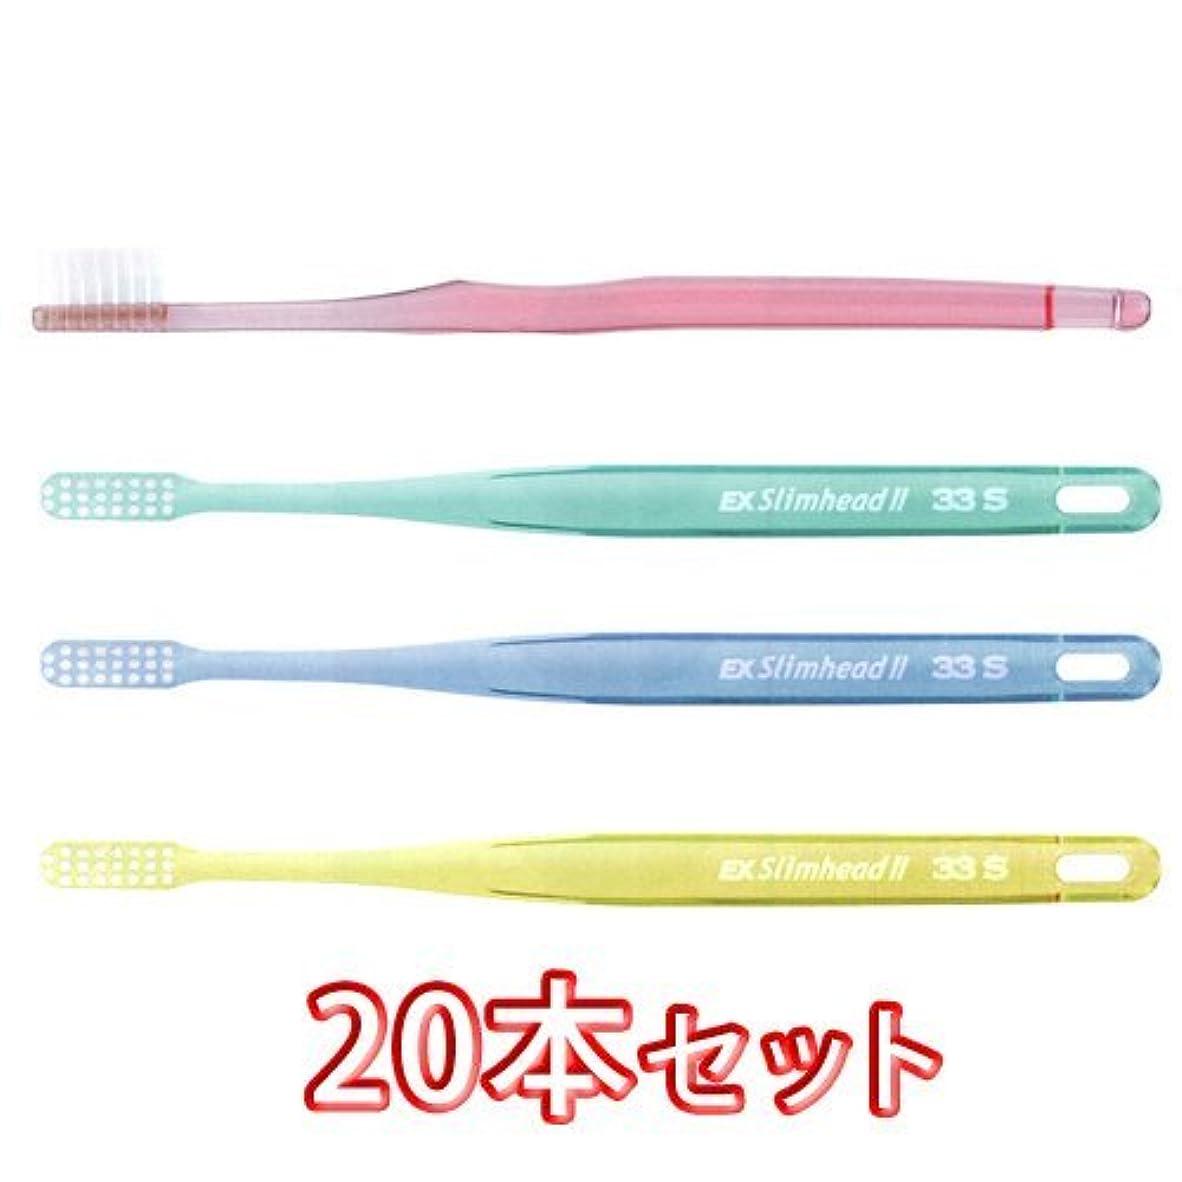 オプション効能ある方向ライオン スリムヘッド2 歯ブラシ DENT . EX Slimhead2 20本入 (33S)